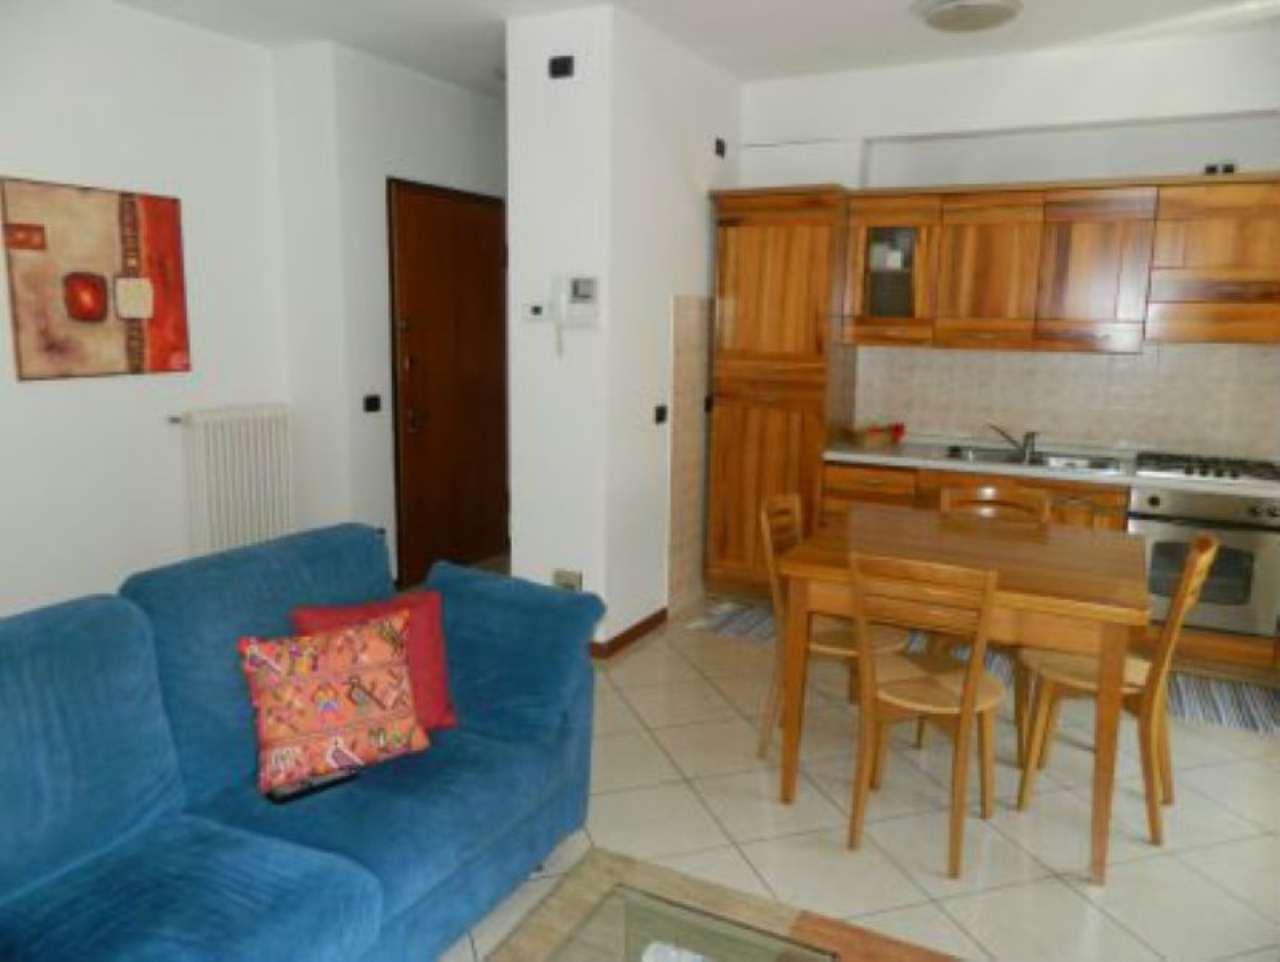 Appartamento in affitto a Sondrio, 3 locali, prezzo € 480 | CambioCasa.it